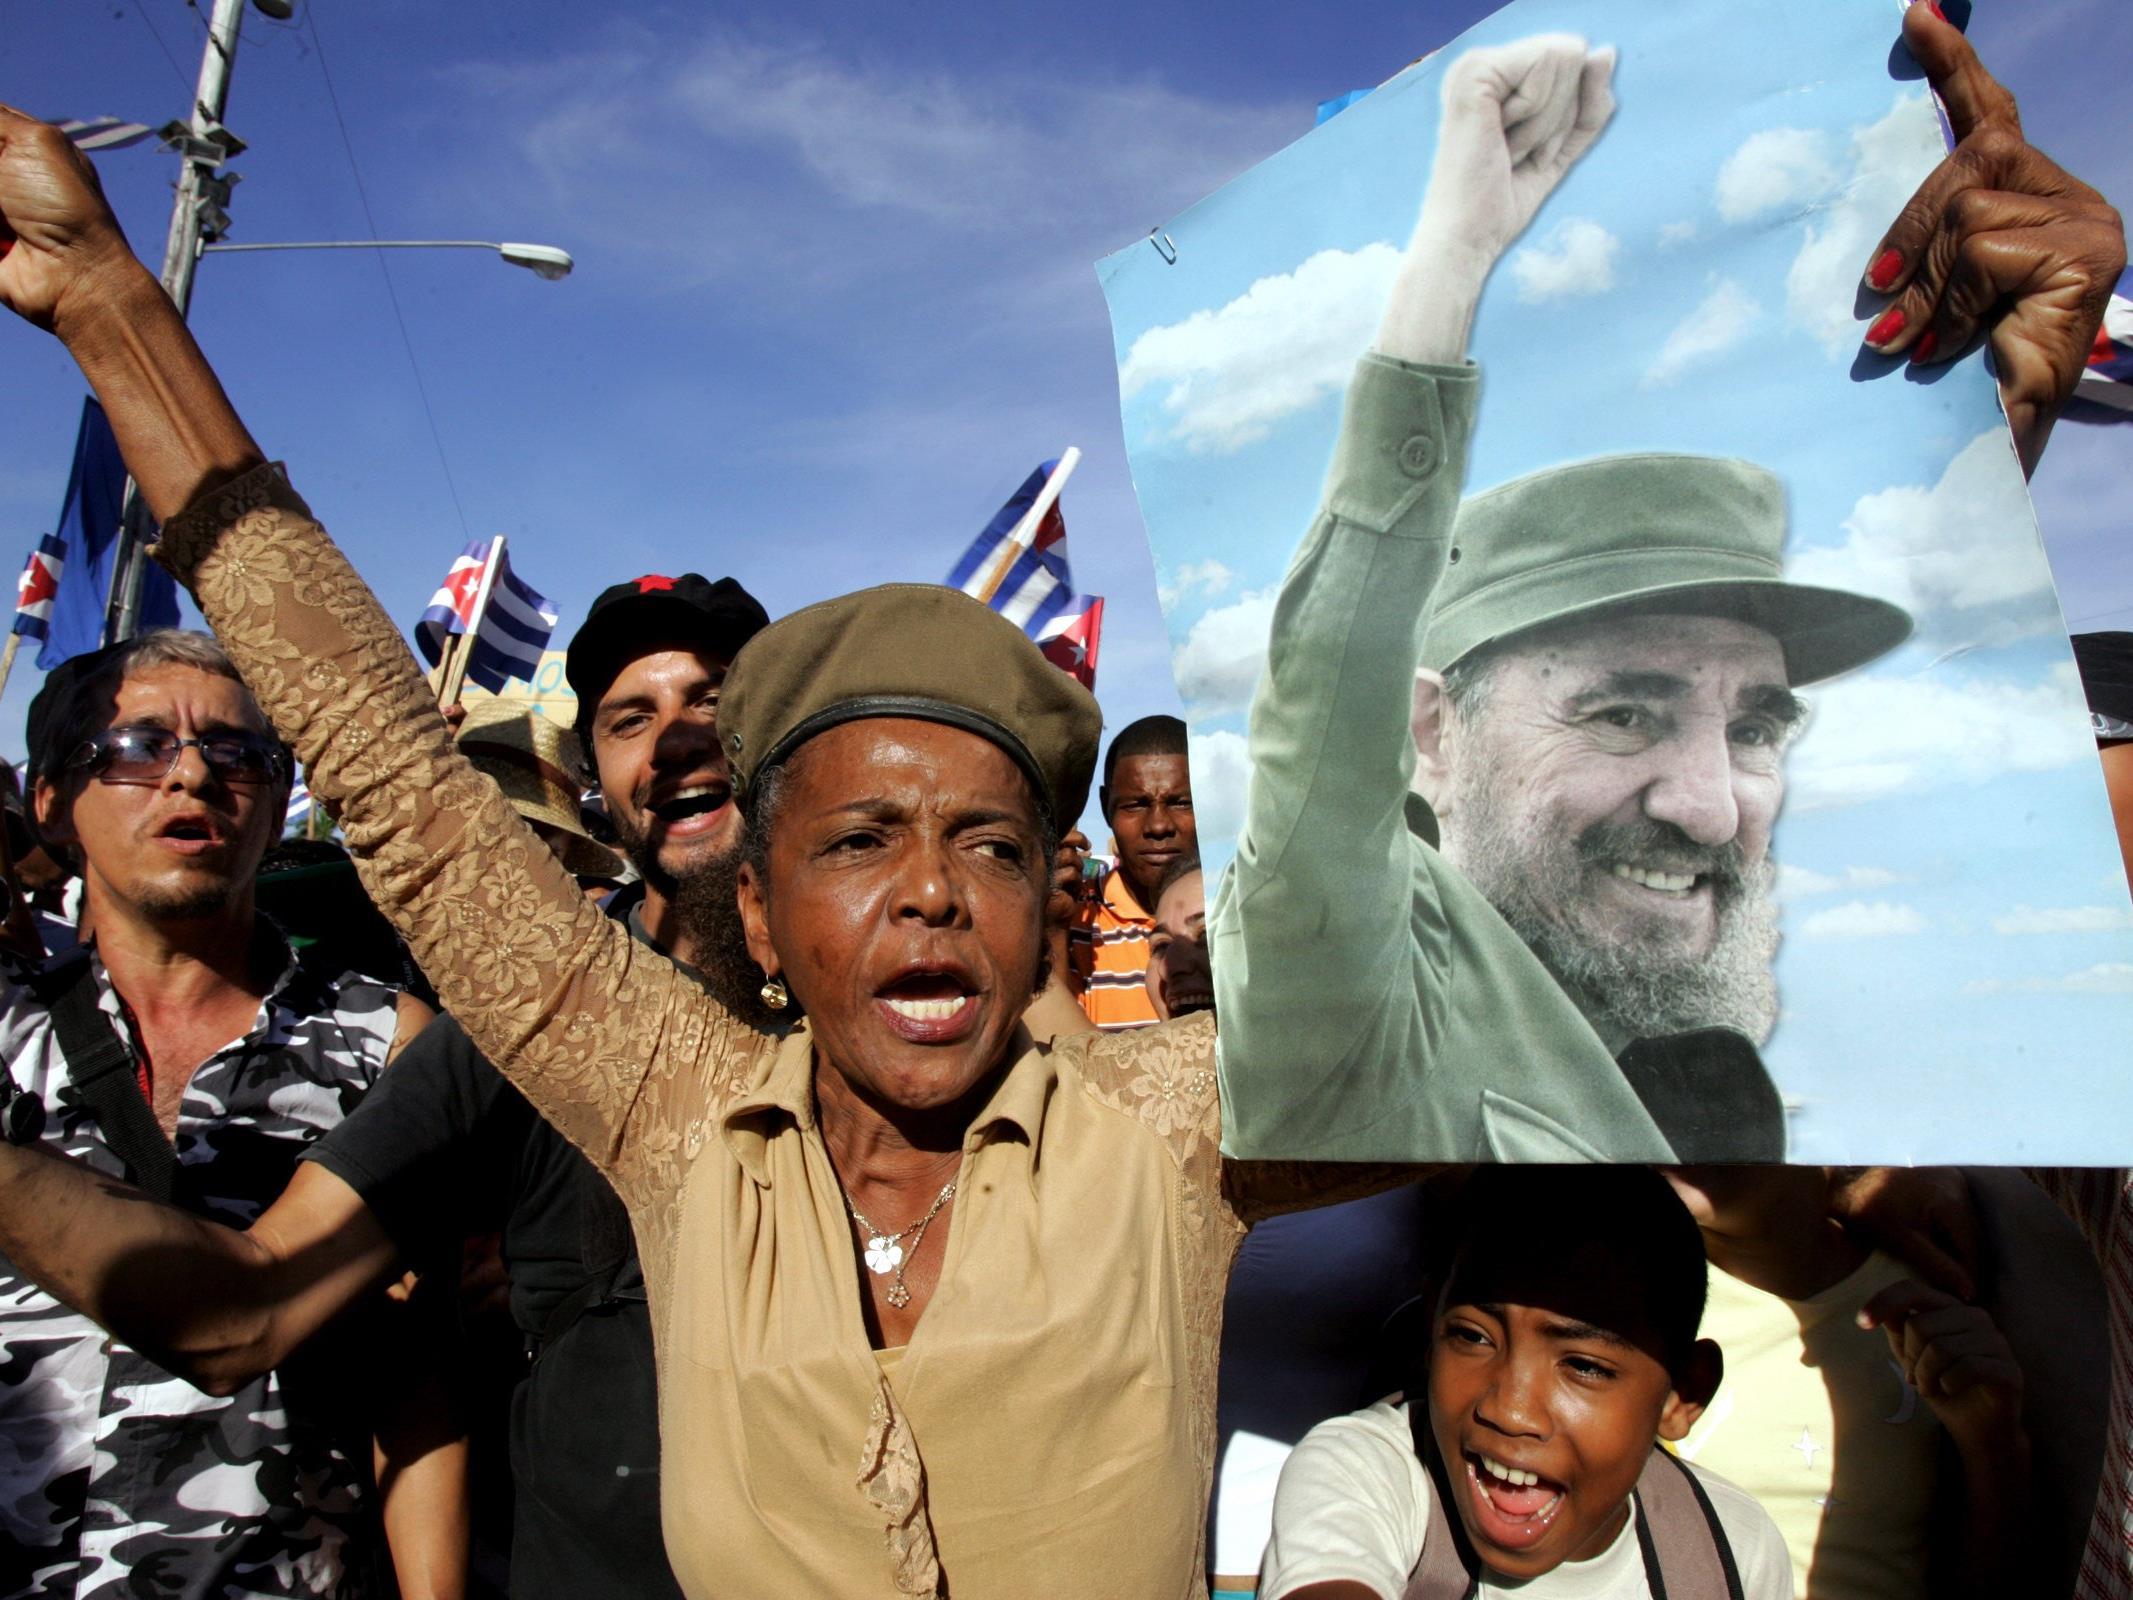 Er trotzt in seiner Amtszeit zehn US-Präsidenten, installiert ein sozialistisches Regime direkt vor der Haustür des Erzfeindes, überlebt angeblich über 600 Mordanschläge. Heute wird Castro 90 Jahre alt.